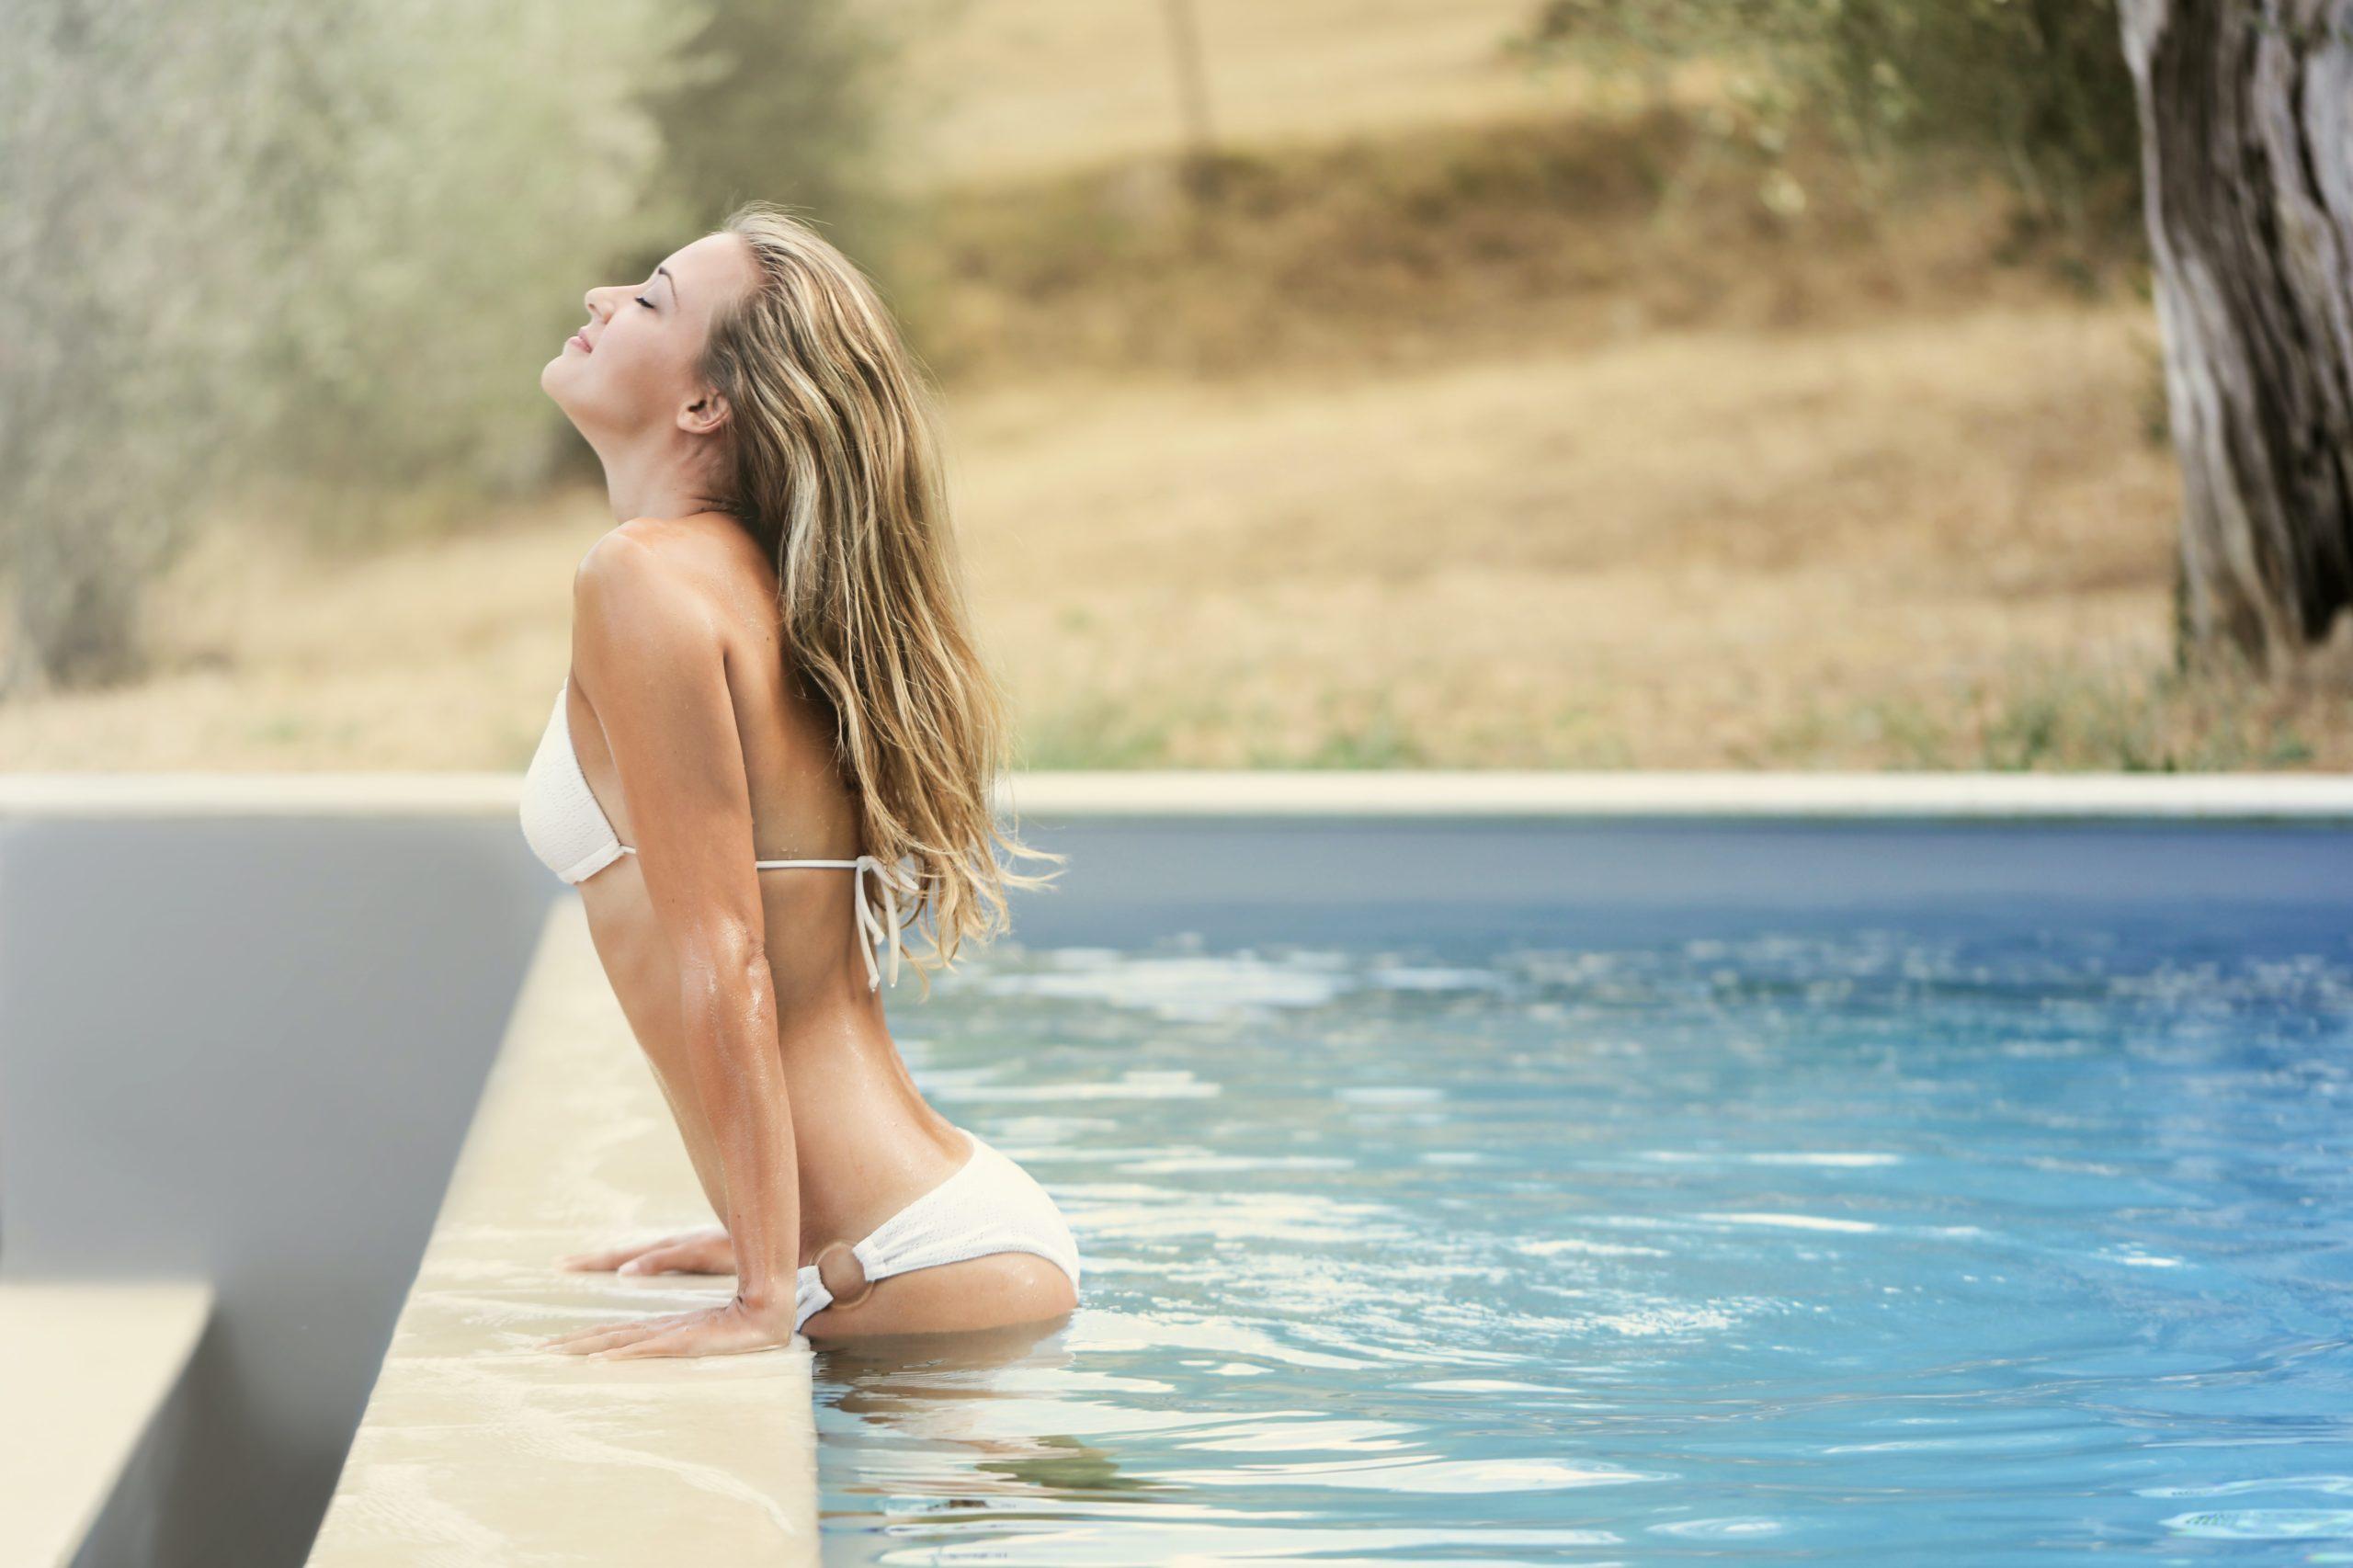 διαιτολογος γλυφαδα μαρουσι θαλης παναγιωτου sensual blonde in bikini chilling in pool scaled